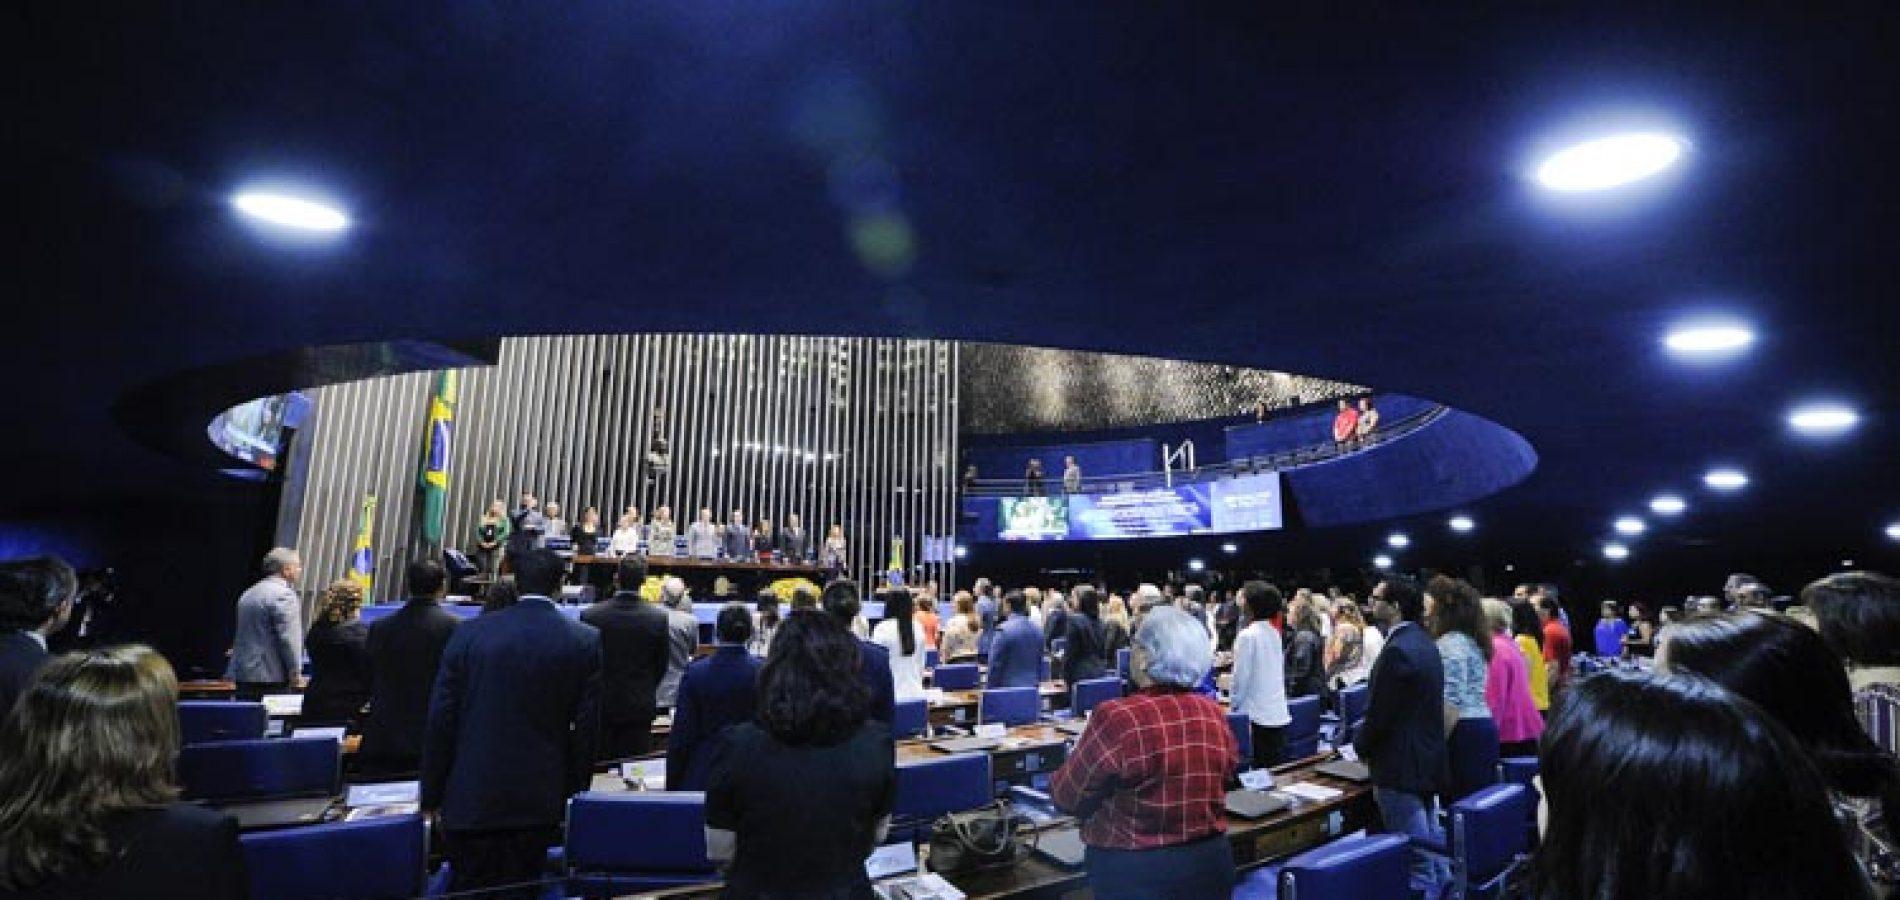 Senado decide nesta quarta-feira sobre afastamento de Dilma; veja lista dos senadores inscritos para falar